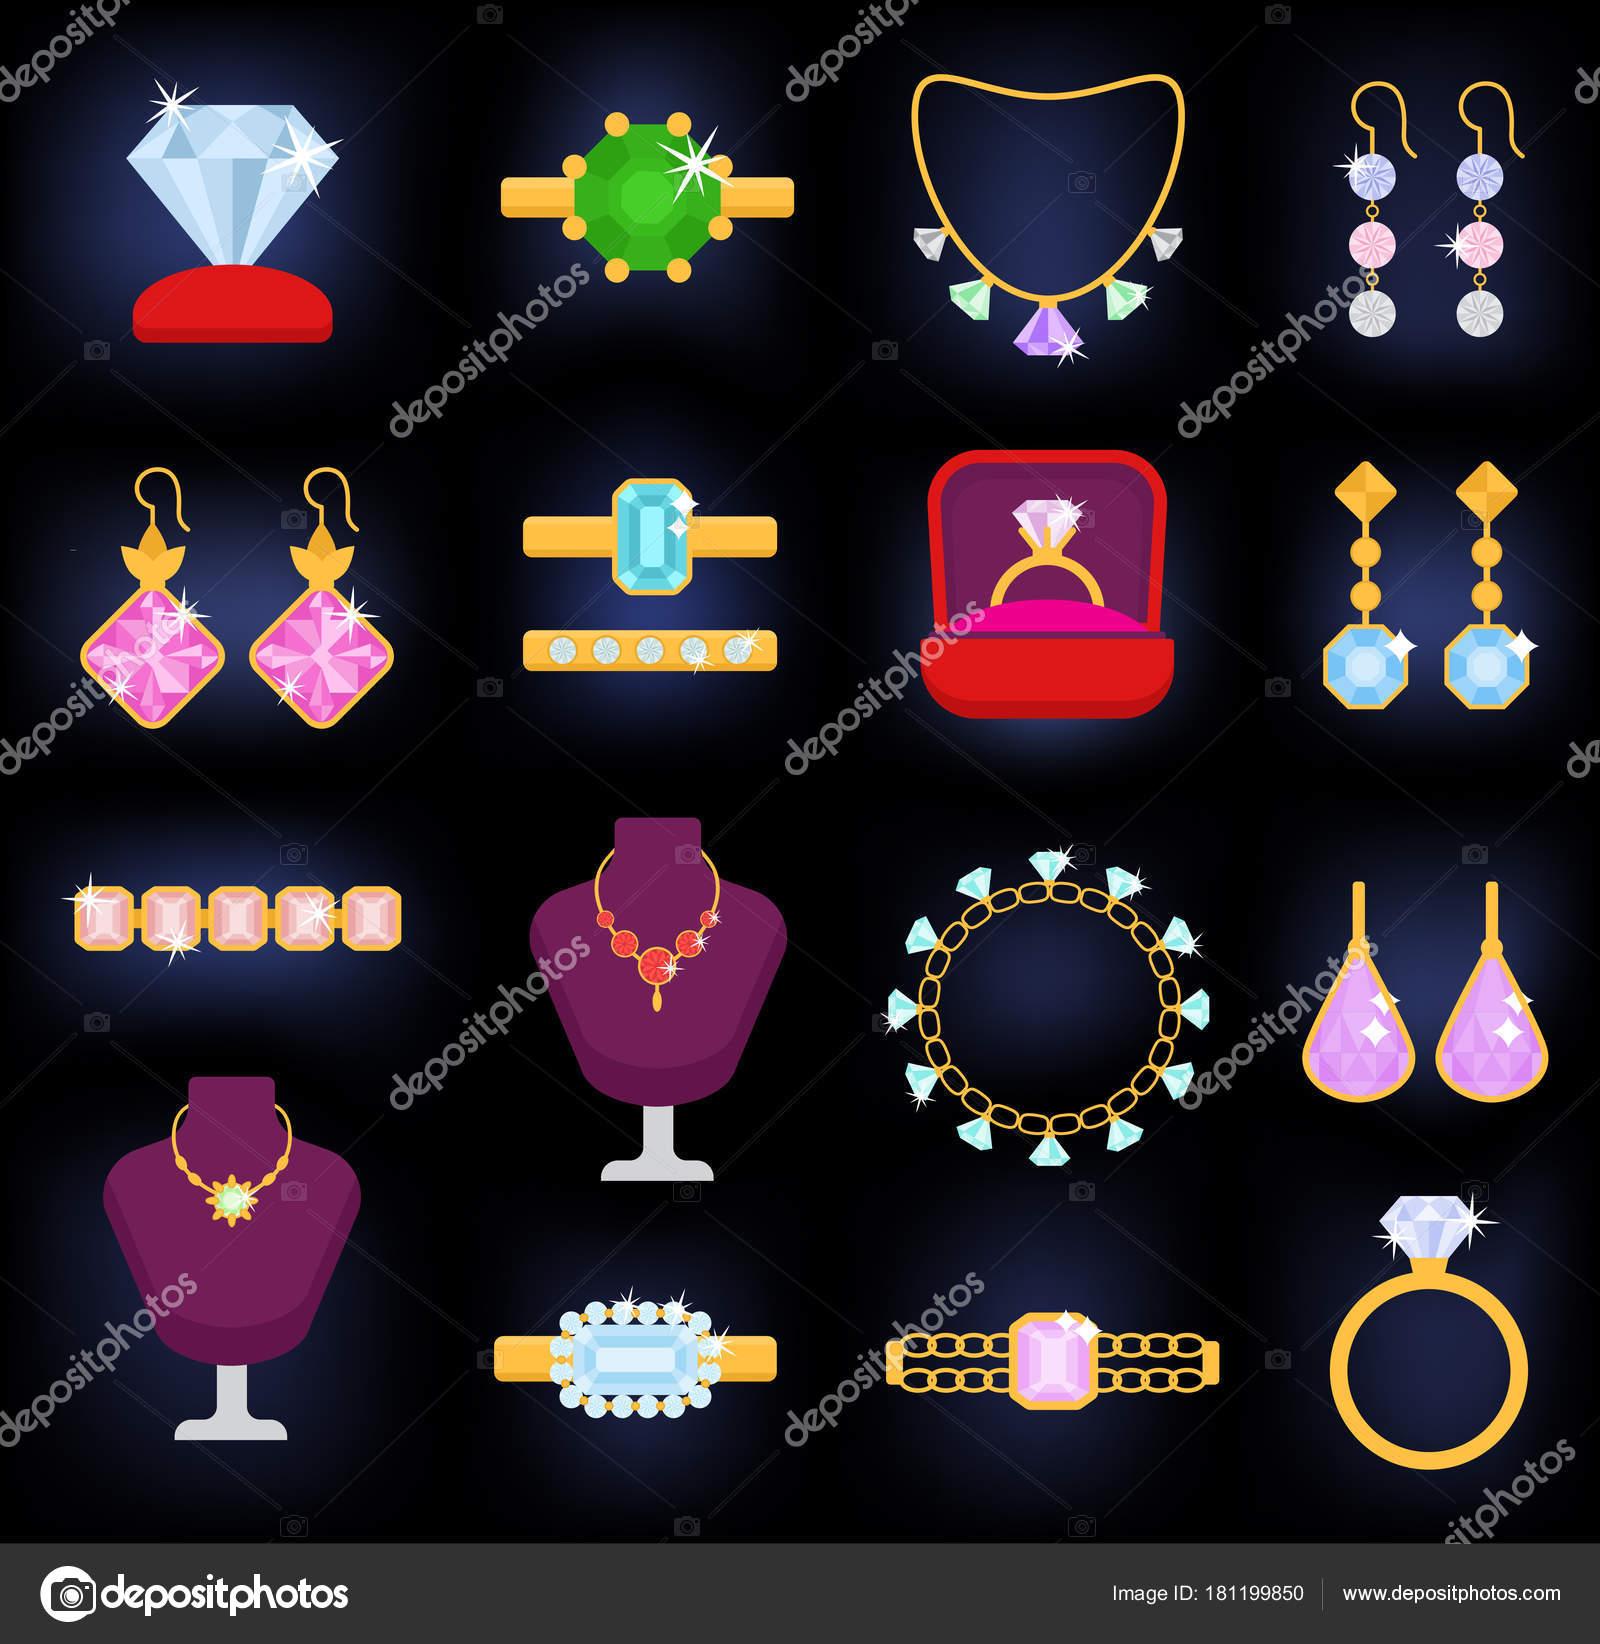 a3c9053cad89 Joyas vector joyería oro pulsera collar aretes y anillos de plata con  diamantes joya accesorios colgante conjunto ilustración aislada sobre fondo  blanco ...